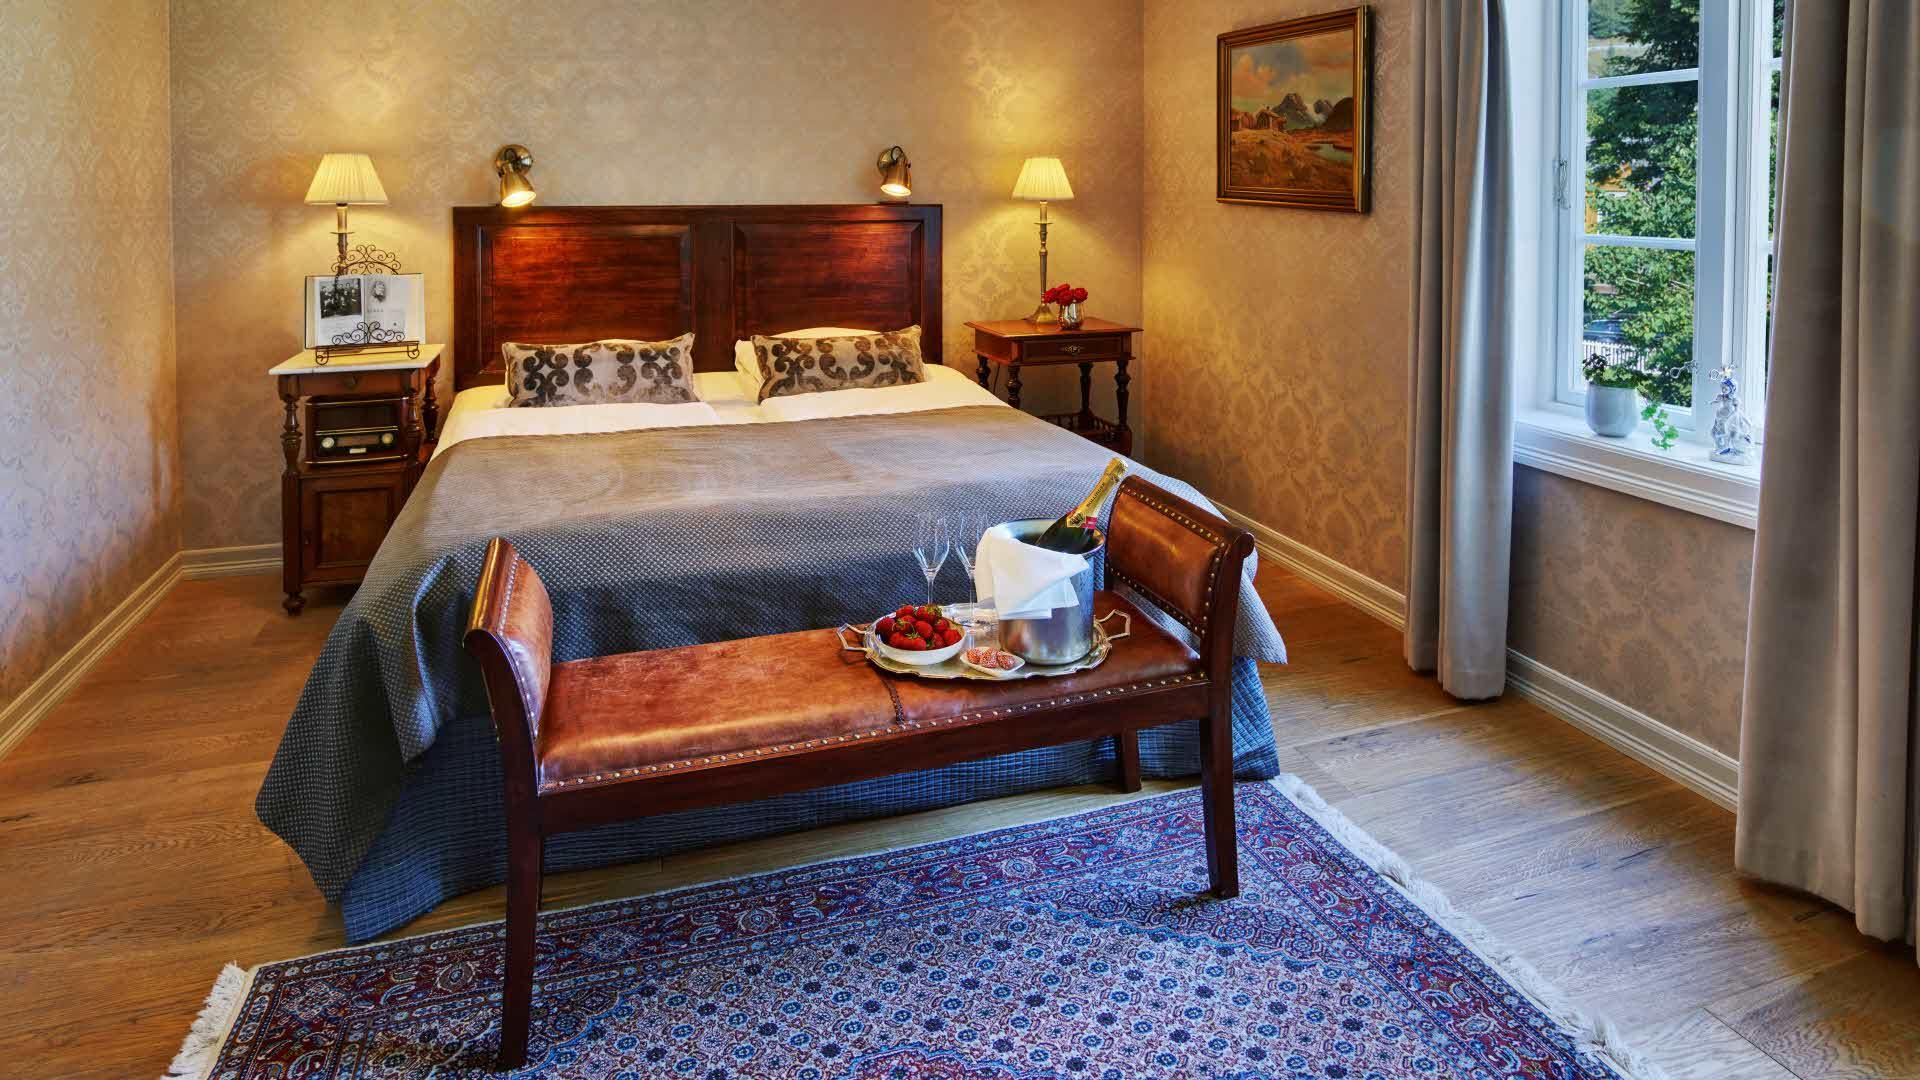 Historisk rom på Fretheim Hotel med dobbeltseng, vindu med utsikt mot hagen og et brett med champagne, glass og jordbær stående på en antikk sittebenk i skinn.